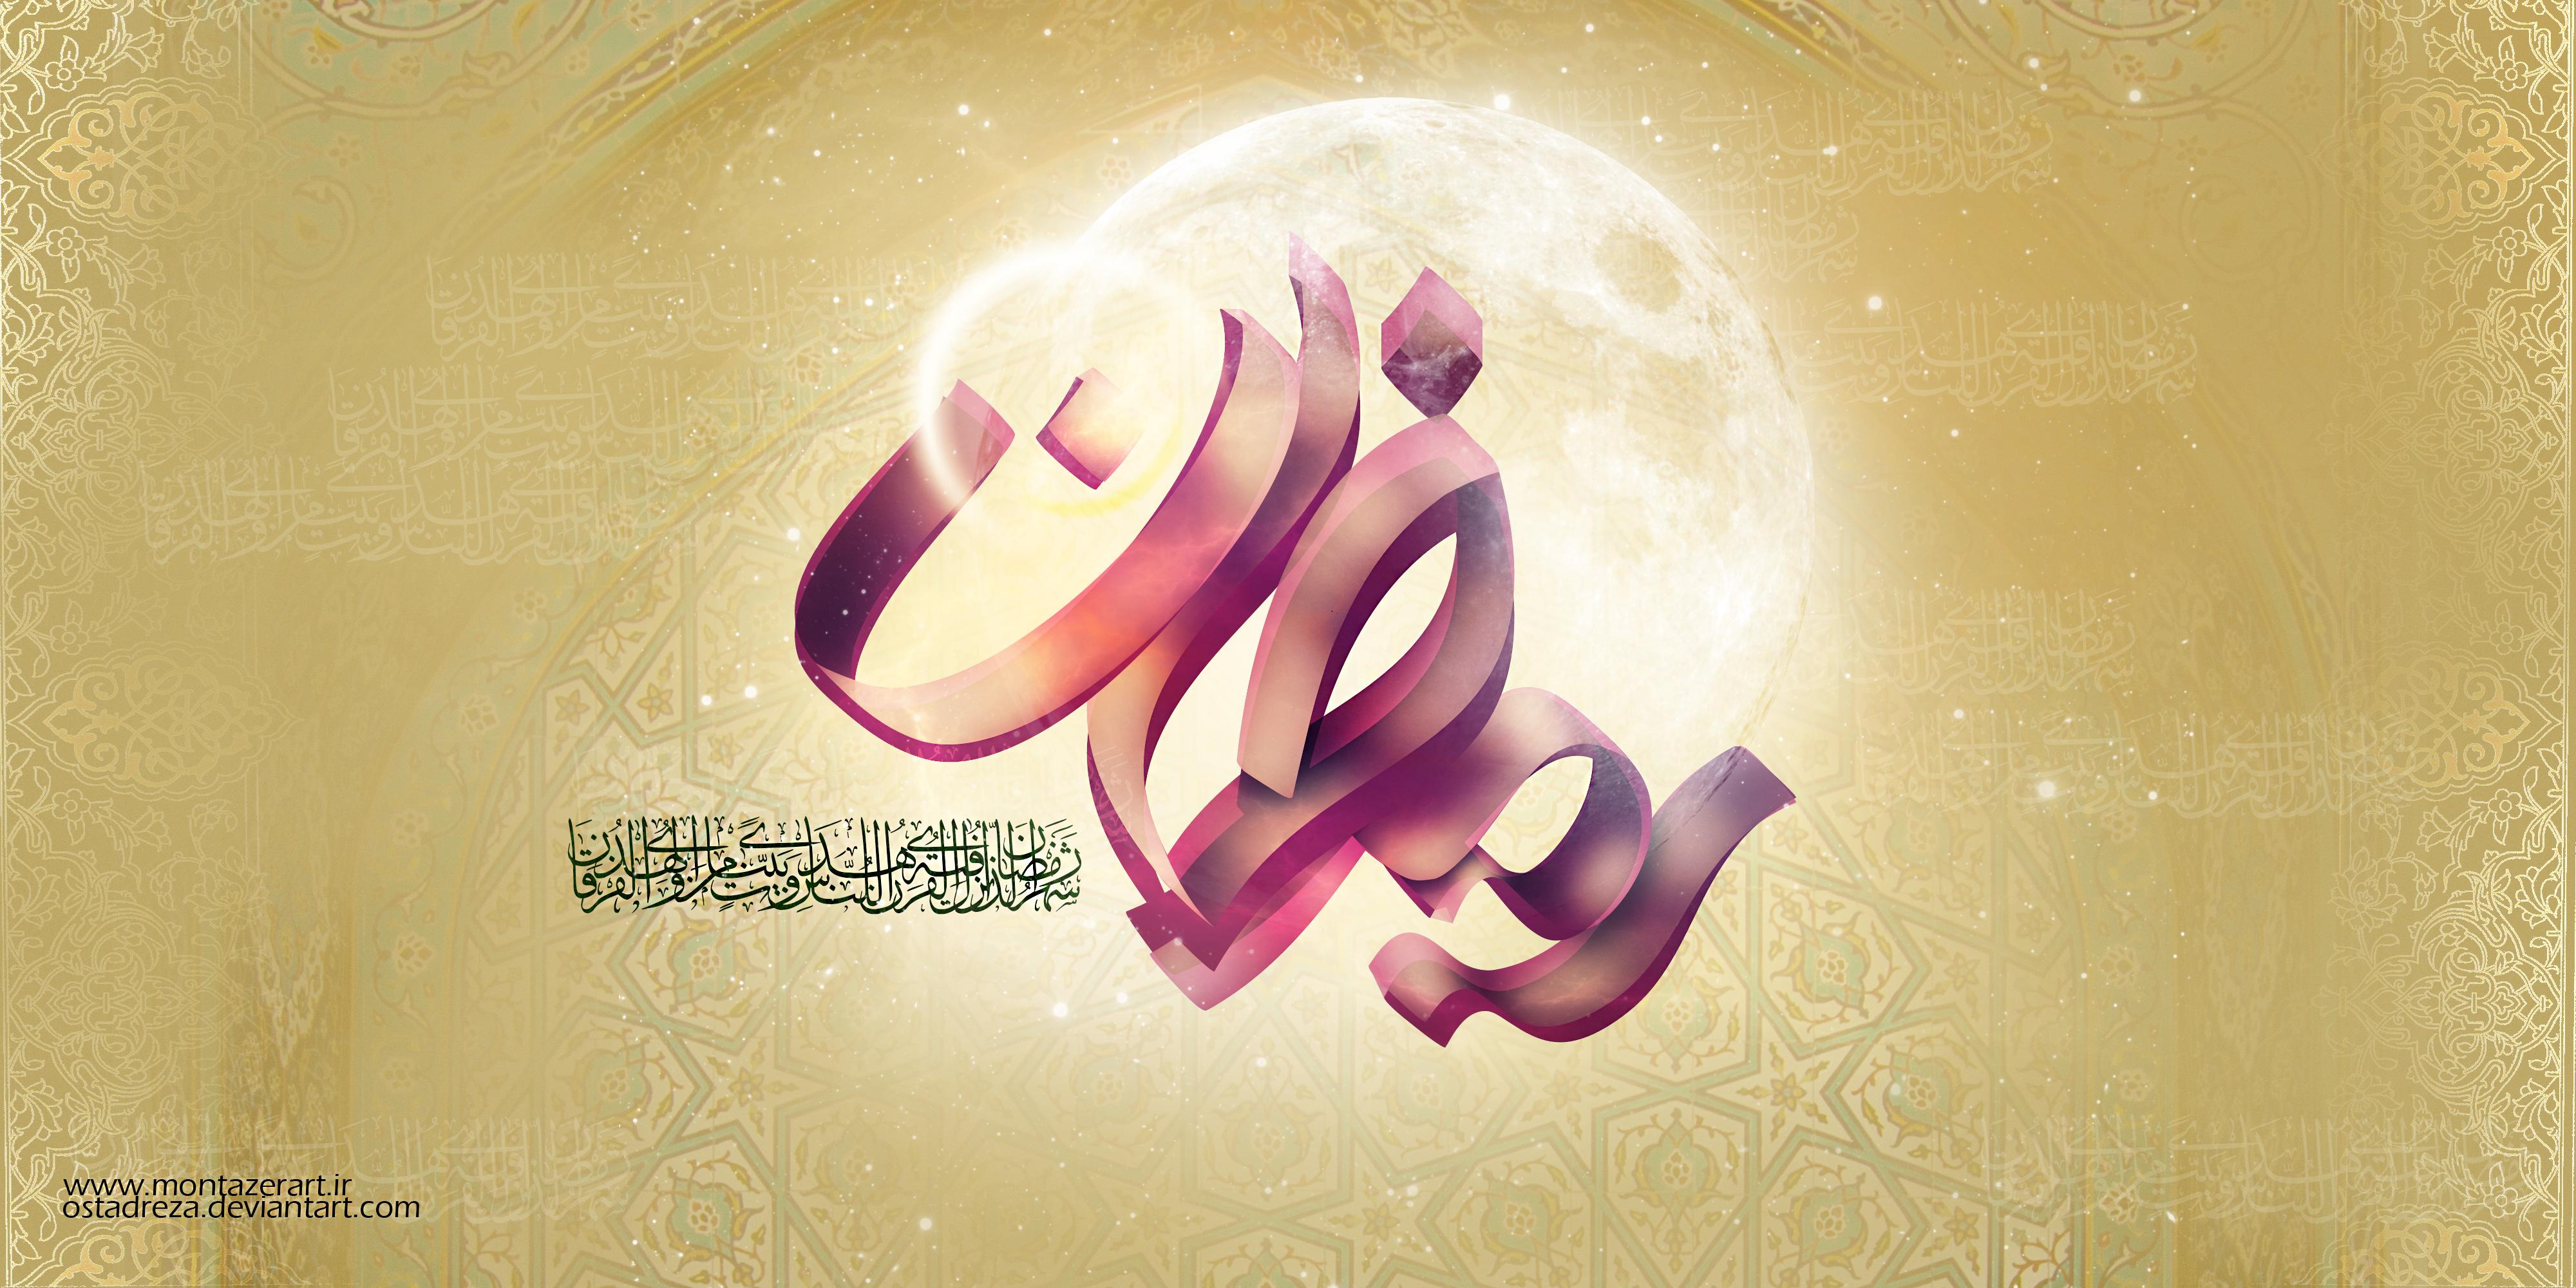 أجمل خلفيات شهر رمضان المبارك 2014 بجودة HD حصريا على منتديات إبداع Ramadan_by_ostadreza-d57zs3c